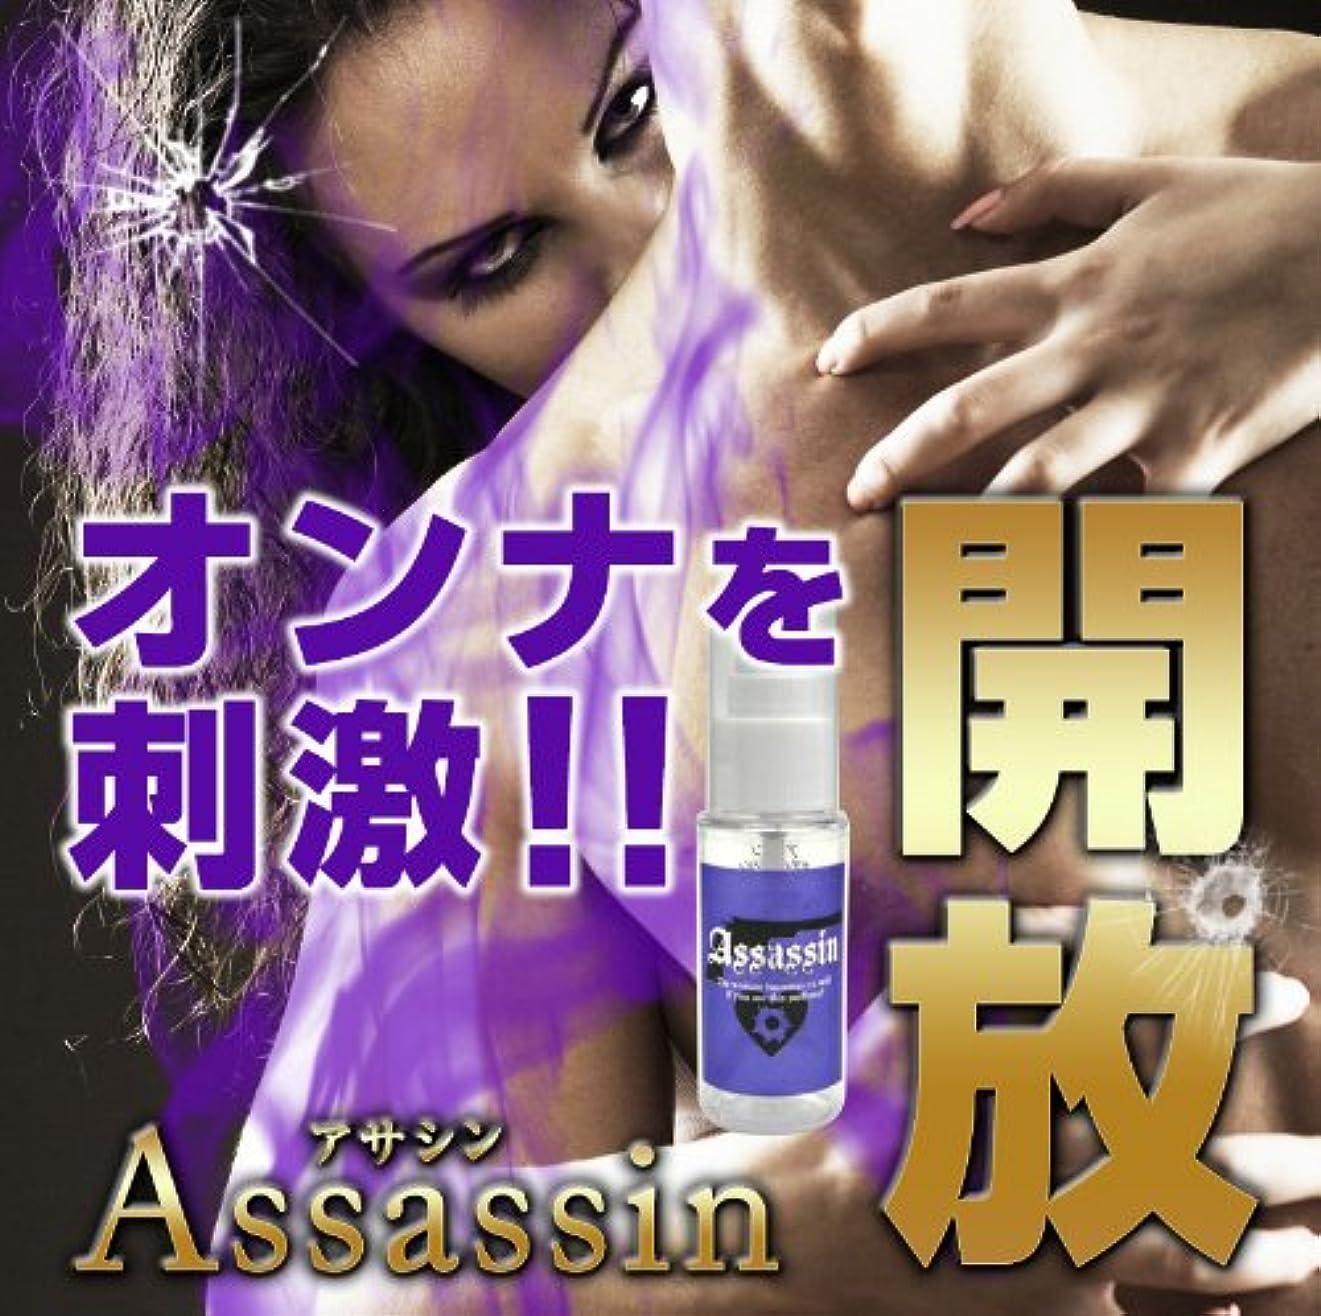 特異な満了思われる男性用フェロモン香水 『アサシン』